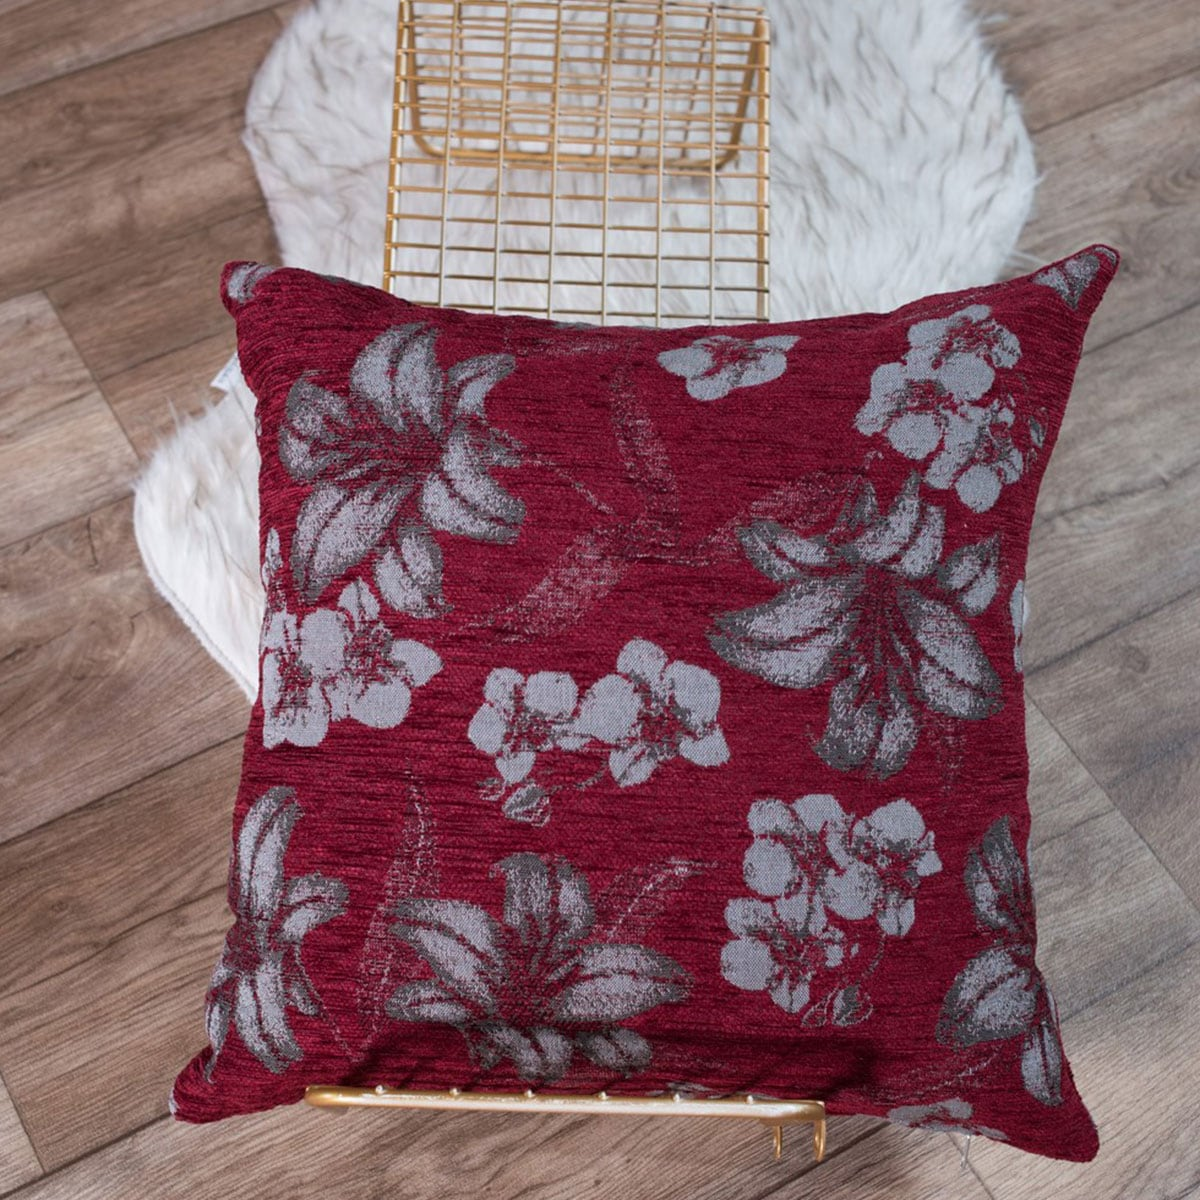 Μαξιλάρι Διακοσμητικό (Με Γέμιση) Louisiana 10 Bordo Teoran 45X45 Ακρυλικό-Polyester